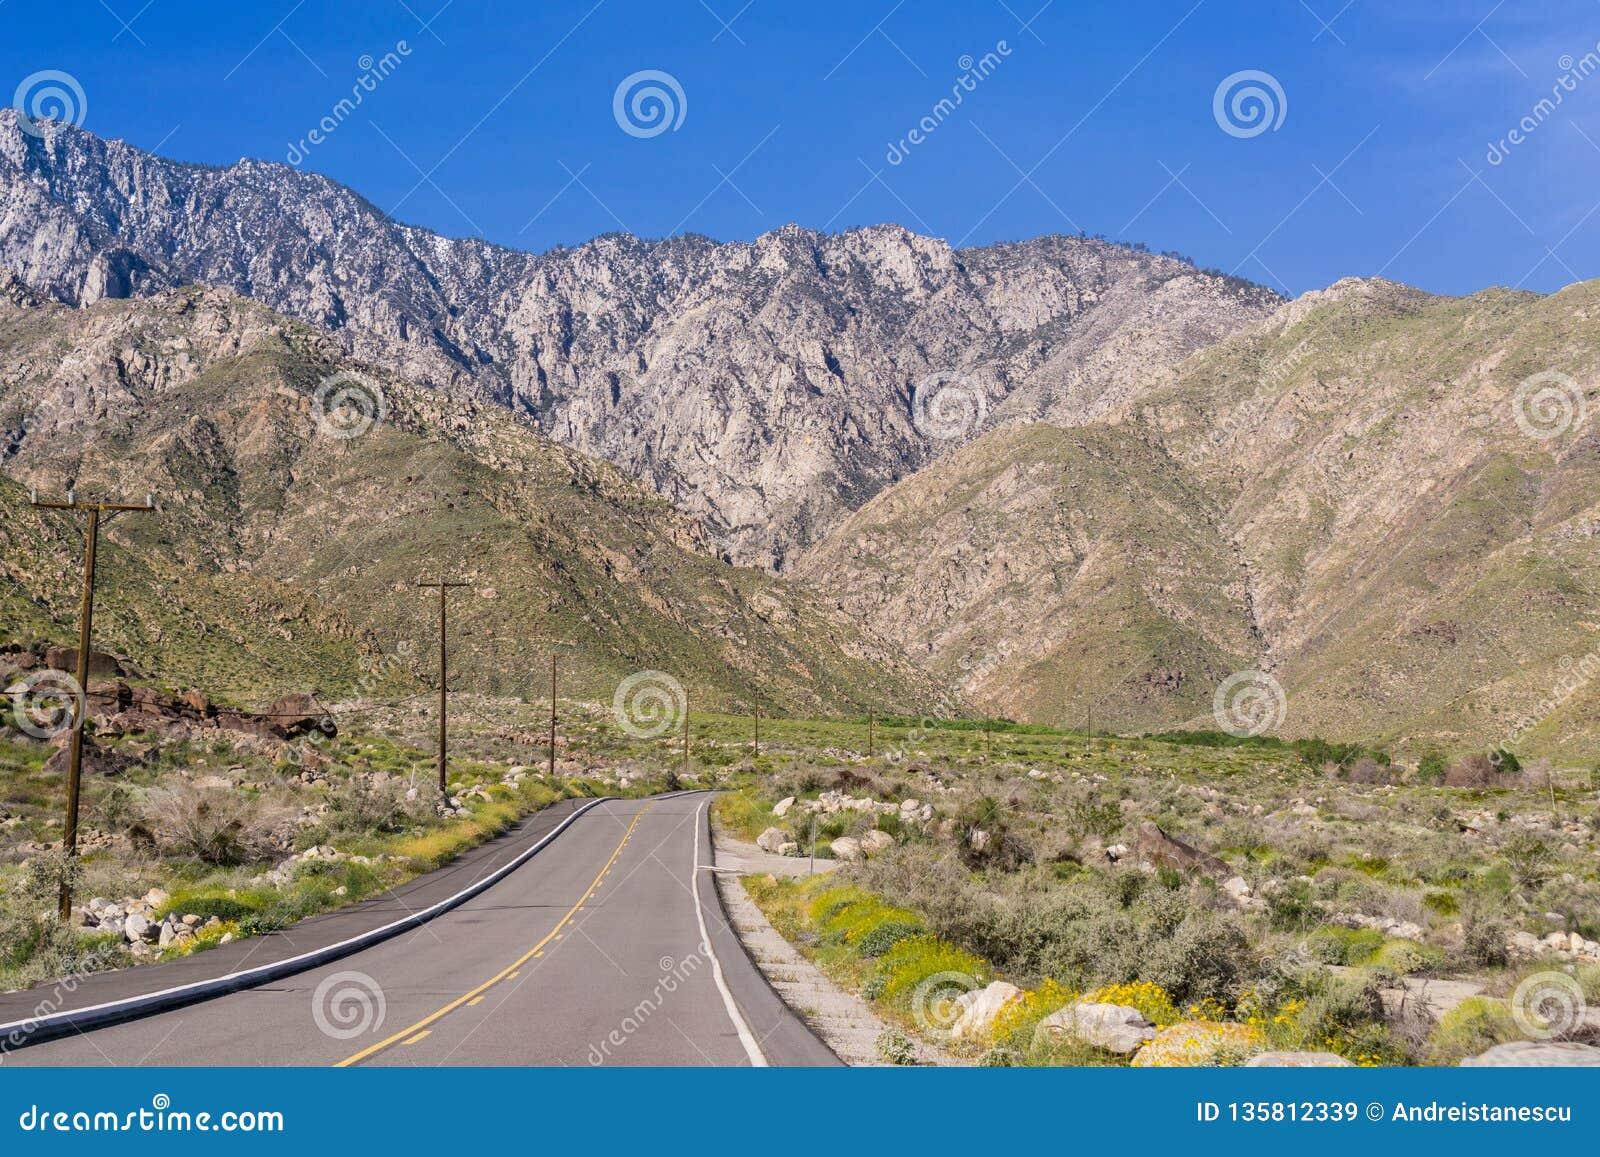 Ο δρόμος που οδηγεί στην εναέρια τροχιοδρομική γραμμή Παλμ Σπρινγκς, τοποθετεί το SAN Jacinto, Καλιφόρνια